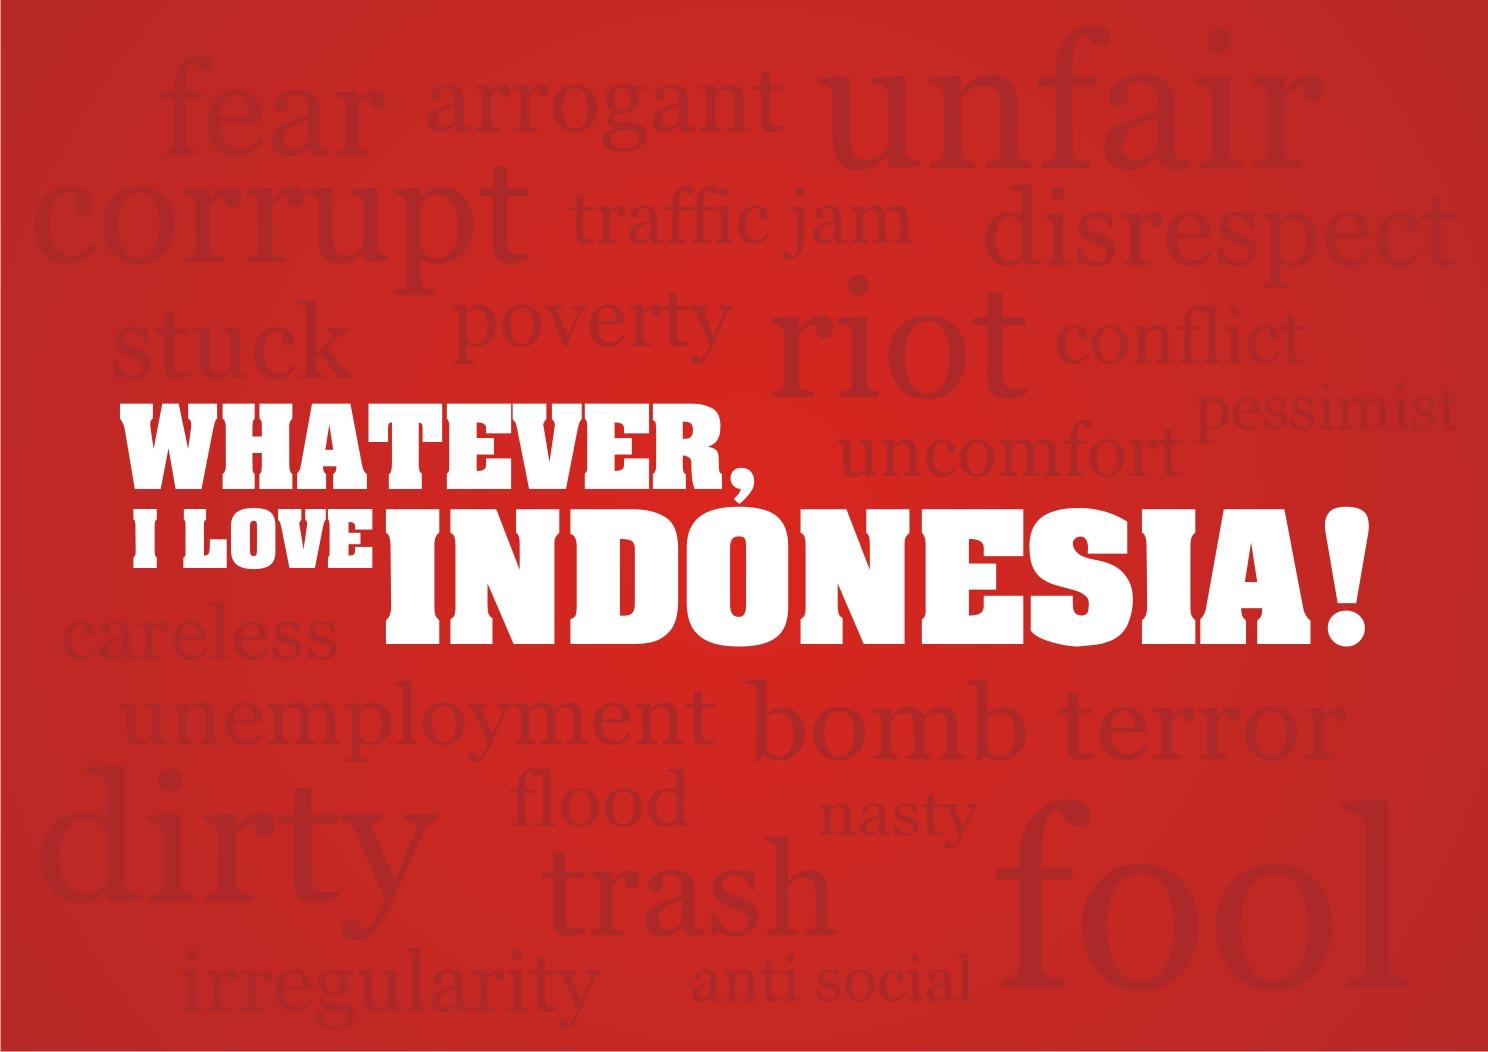 POLITIK PEREMPUAN DI INDONESIA   CAS - CUS